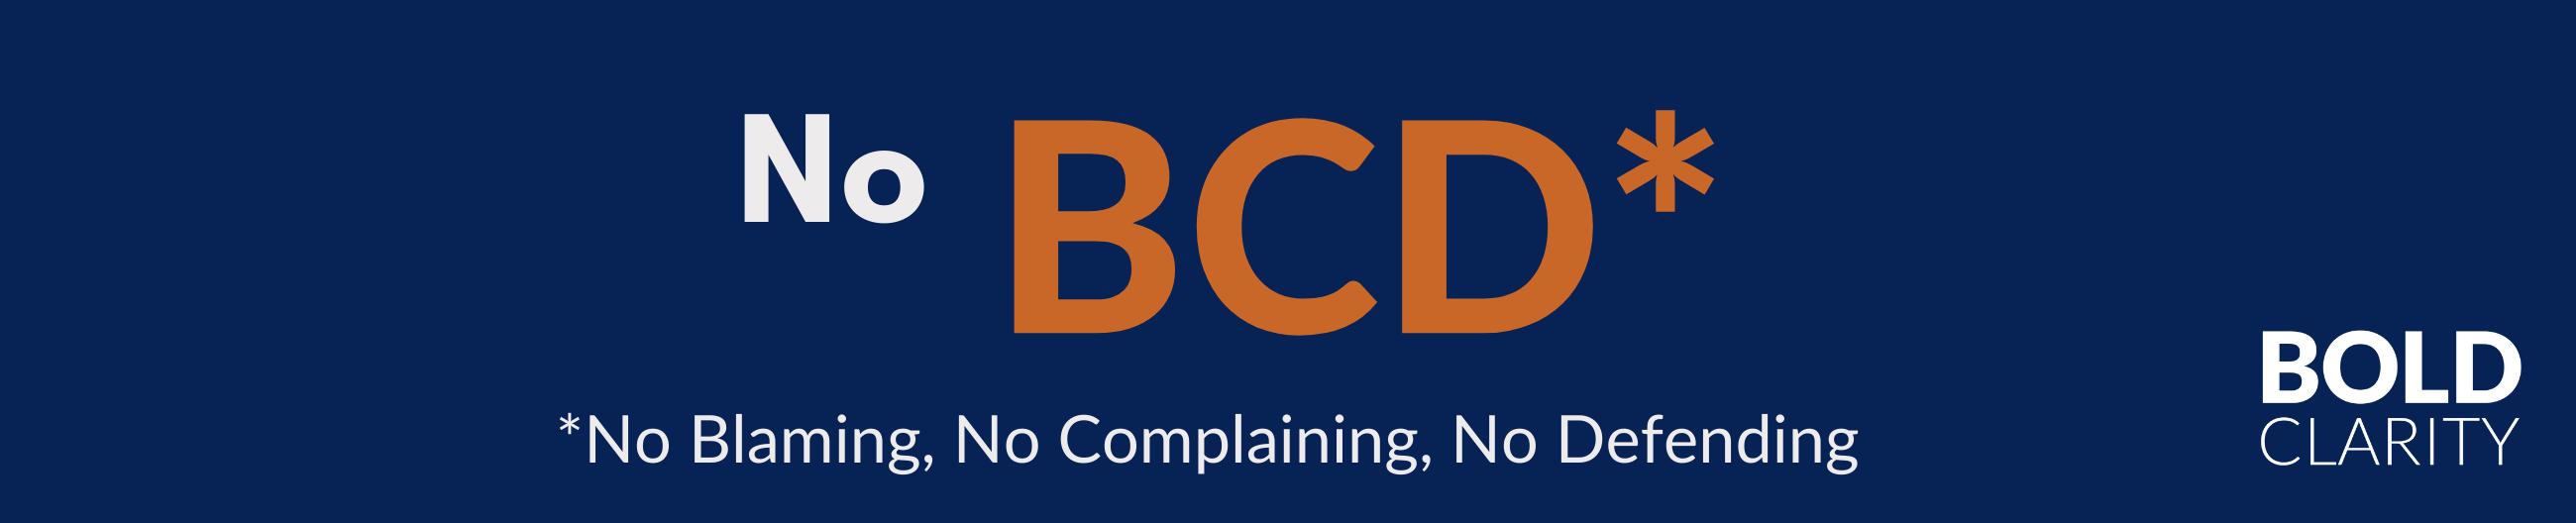 No Blaming, No Complaining, No Defending